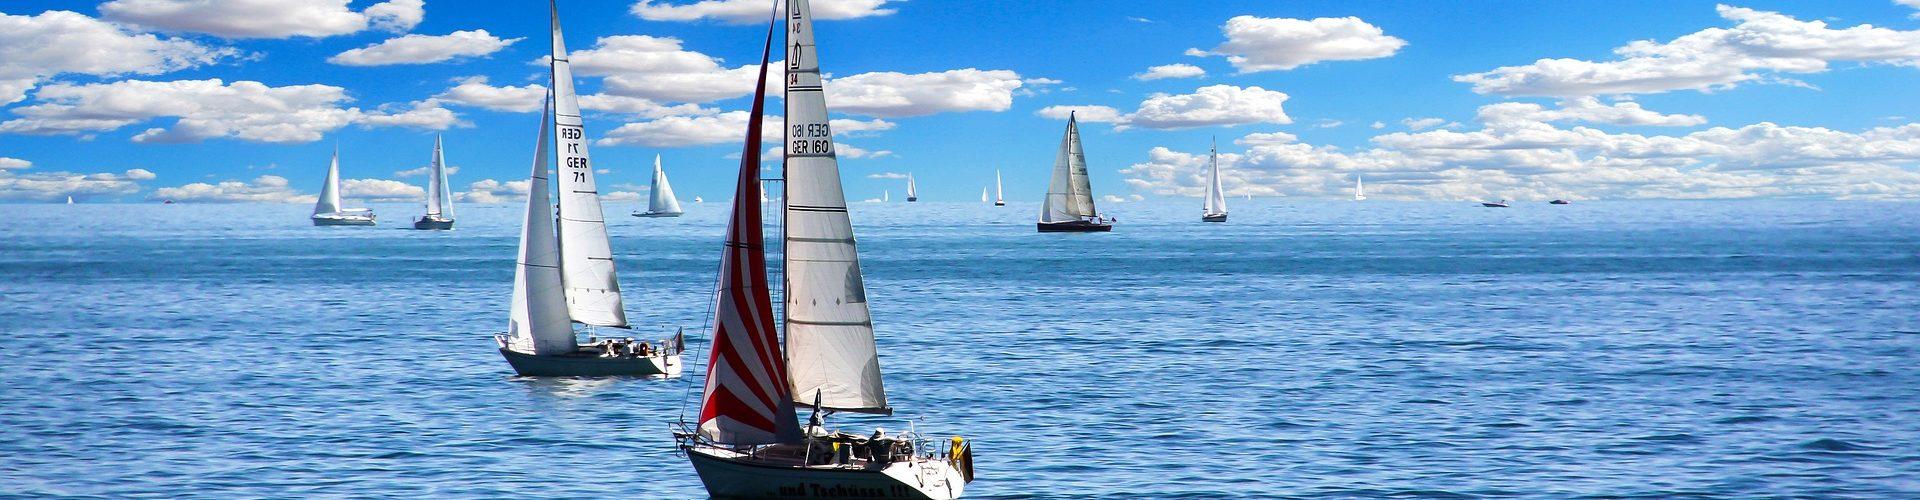 segeln lernen in Parkstetten segelschein machen in Parkstetten 1920x500 - Segeln lernen in Parkstetten